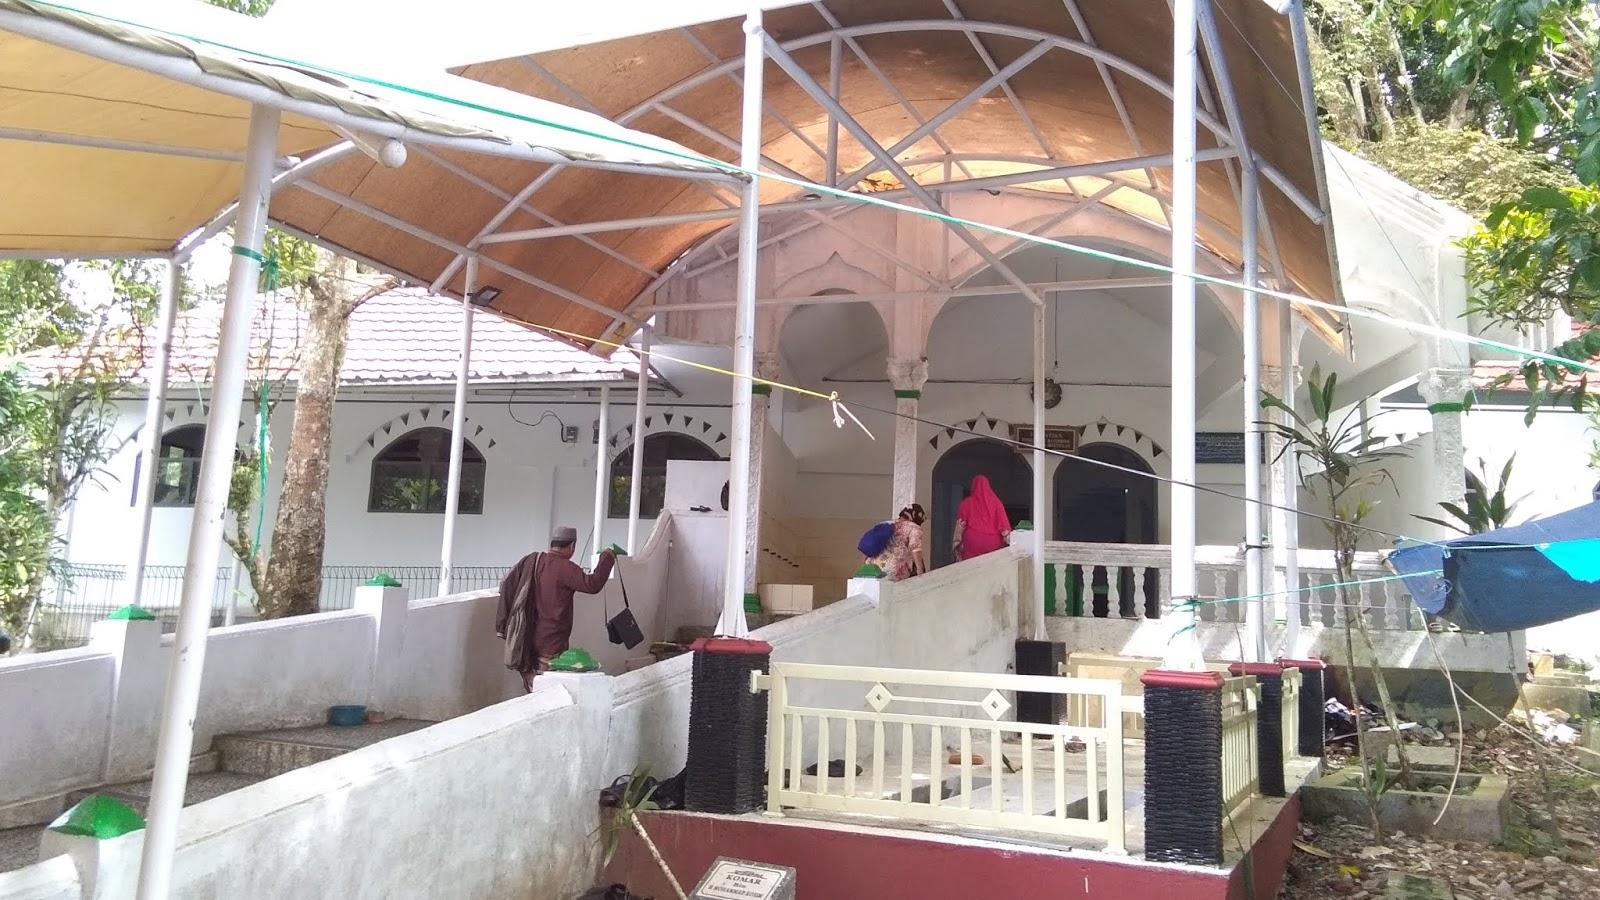 Objek Wisata Ziarah Pamijahan, Tasikmalaya Jawa Barat